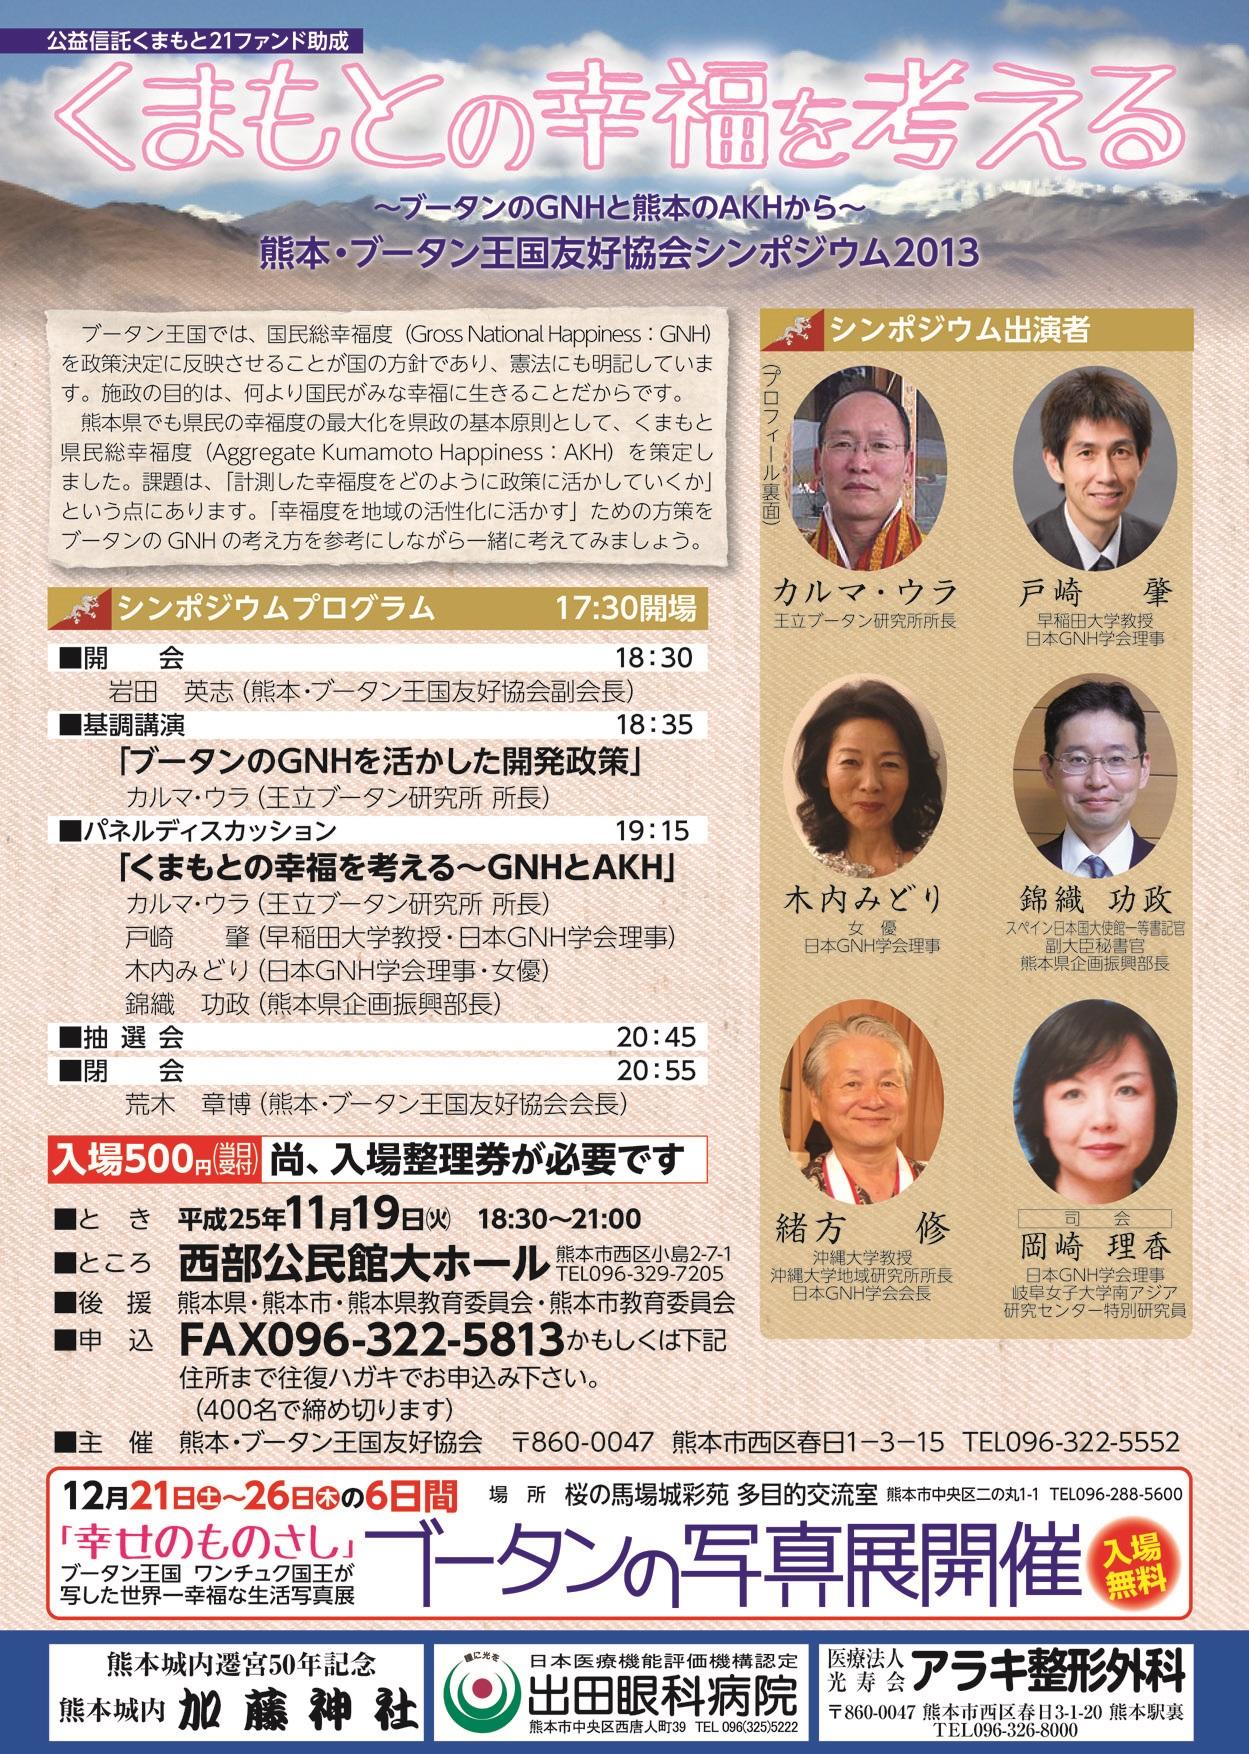 大学コンソーシアム熊本                                                                                                              【熊本県】くまもとの幸福を考えるシンポジウムのご案内